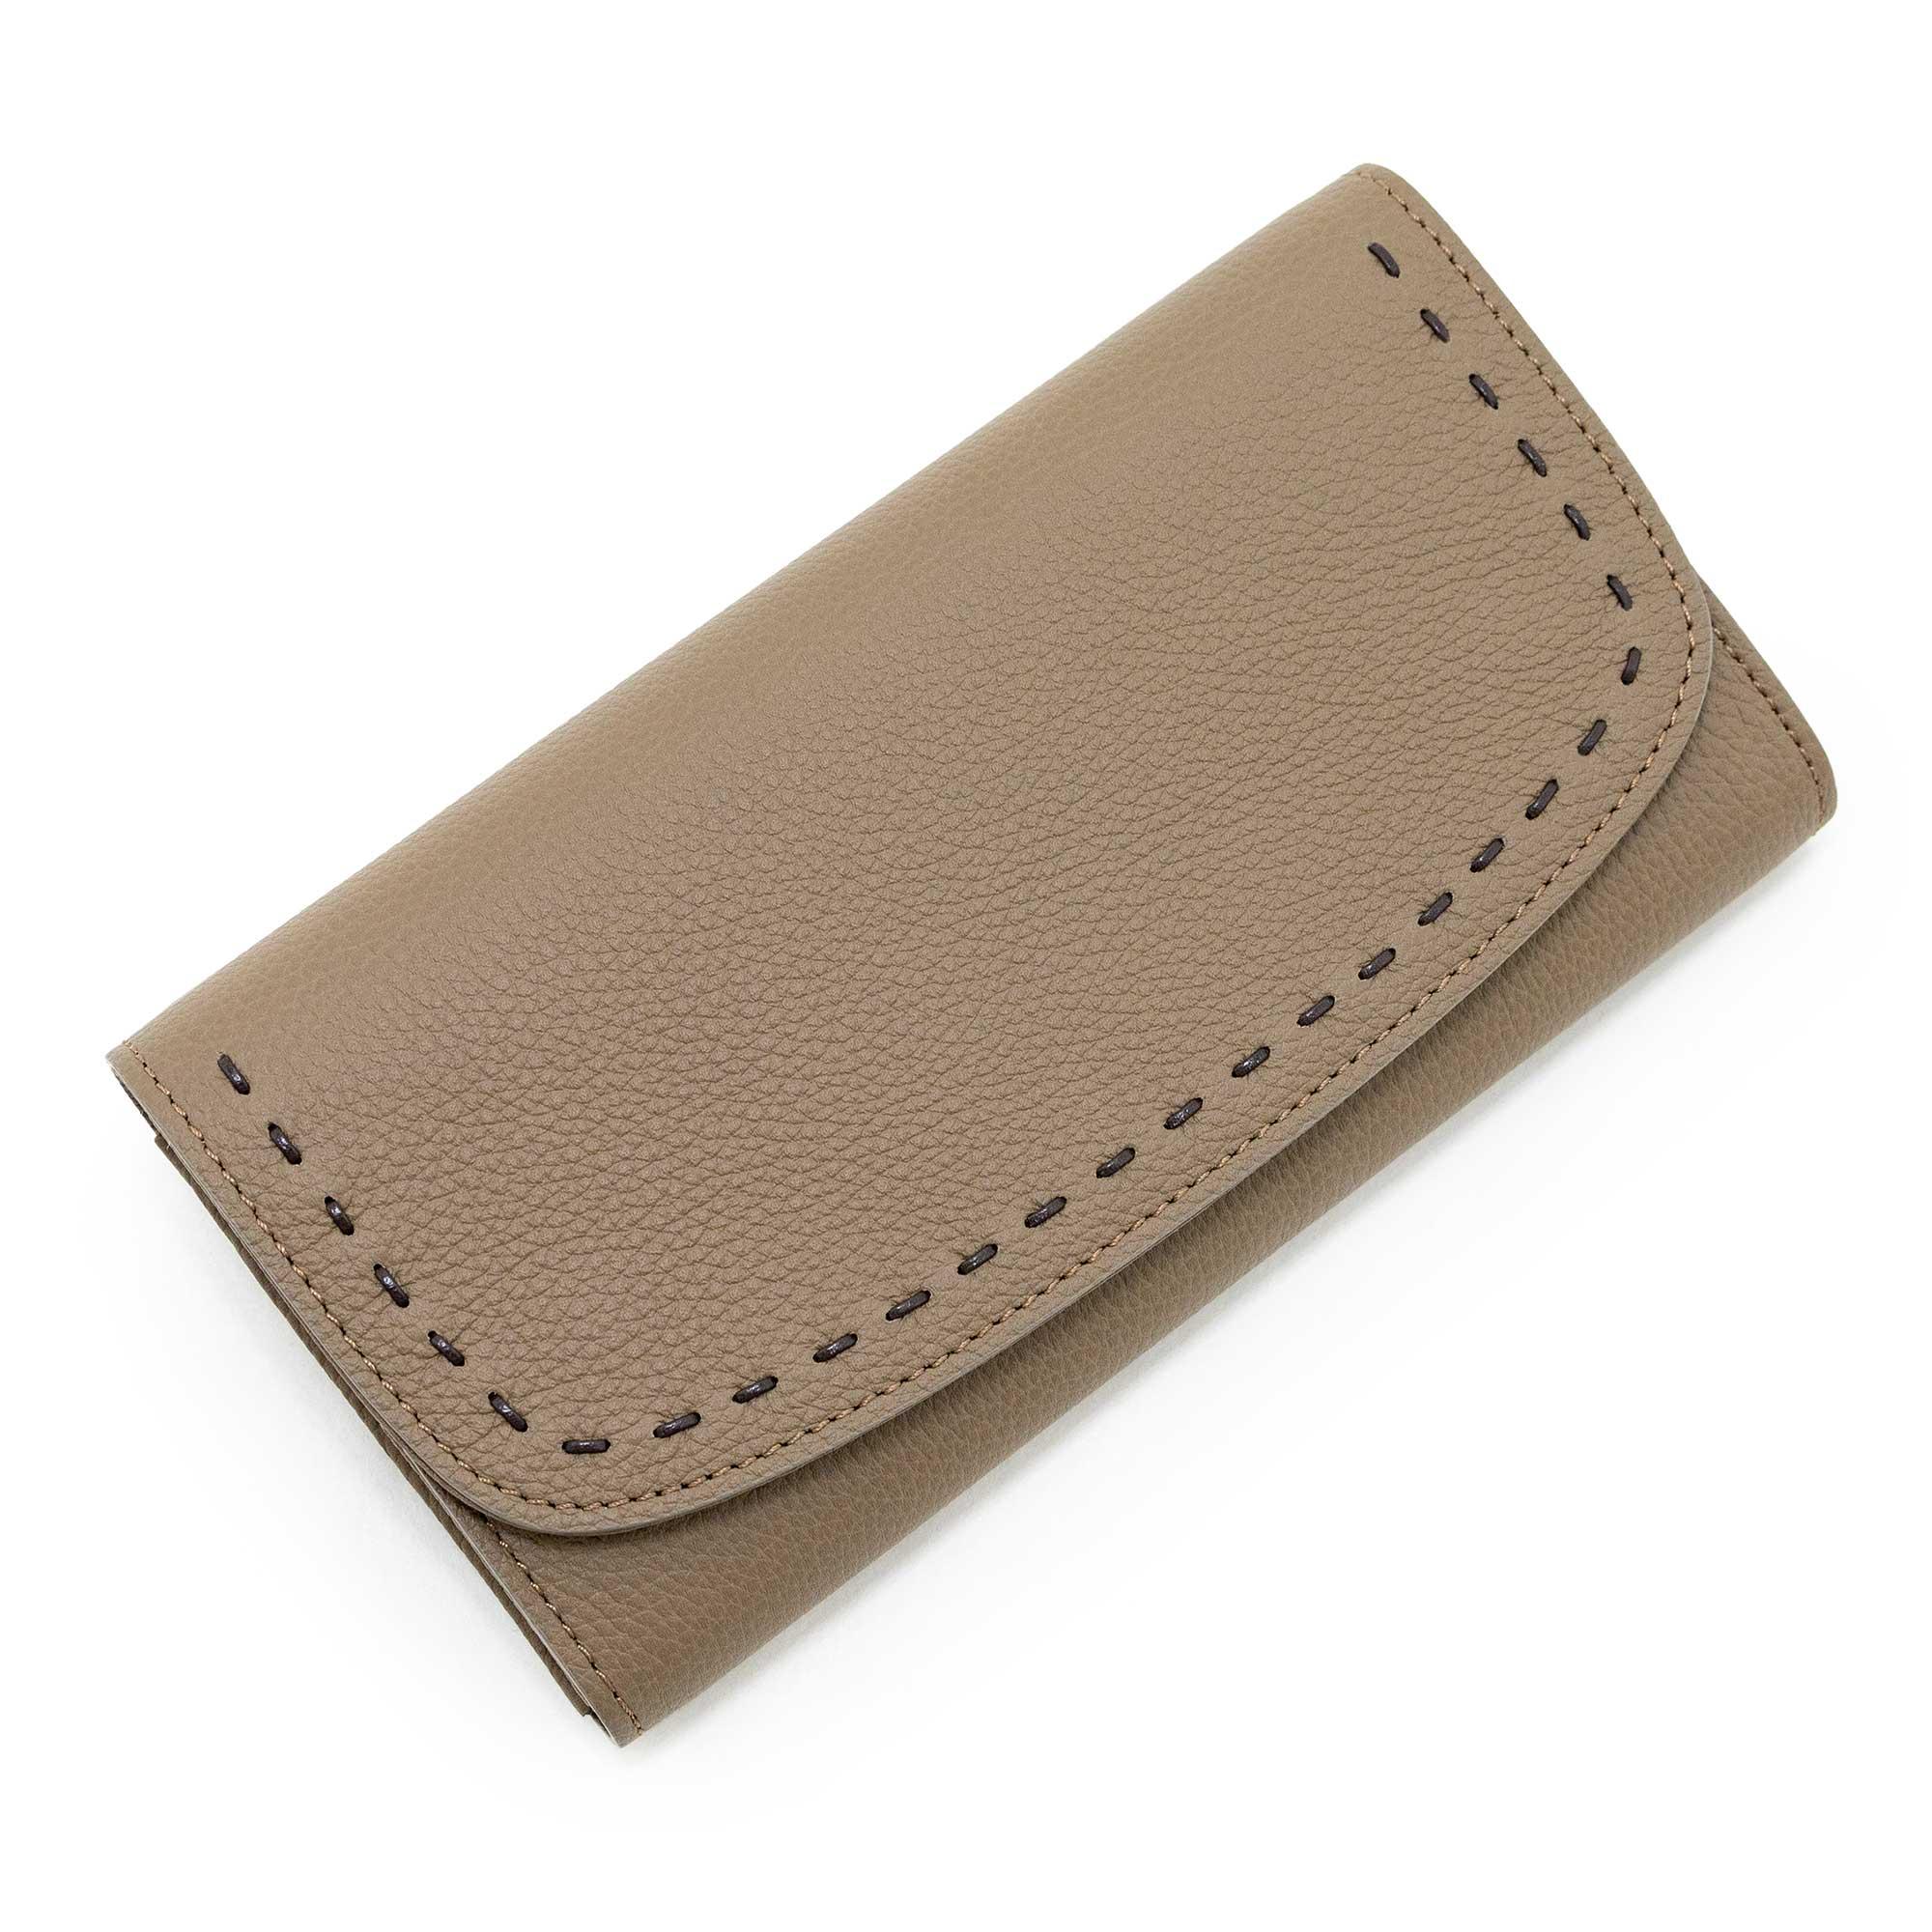 日本製 LILY [OAK 限定色] シュリンクレザー・エスポワール 本革ウォレット[かぶせ式(エンヴェロップ型)長財布]